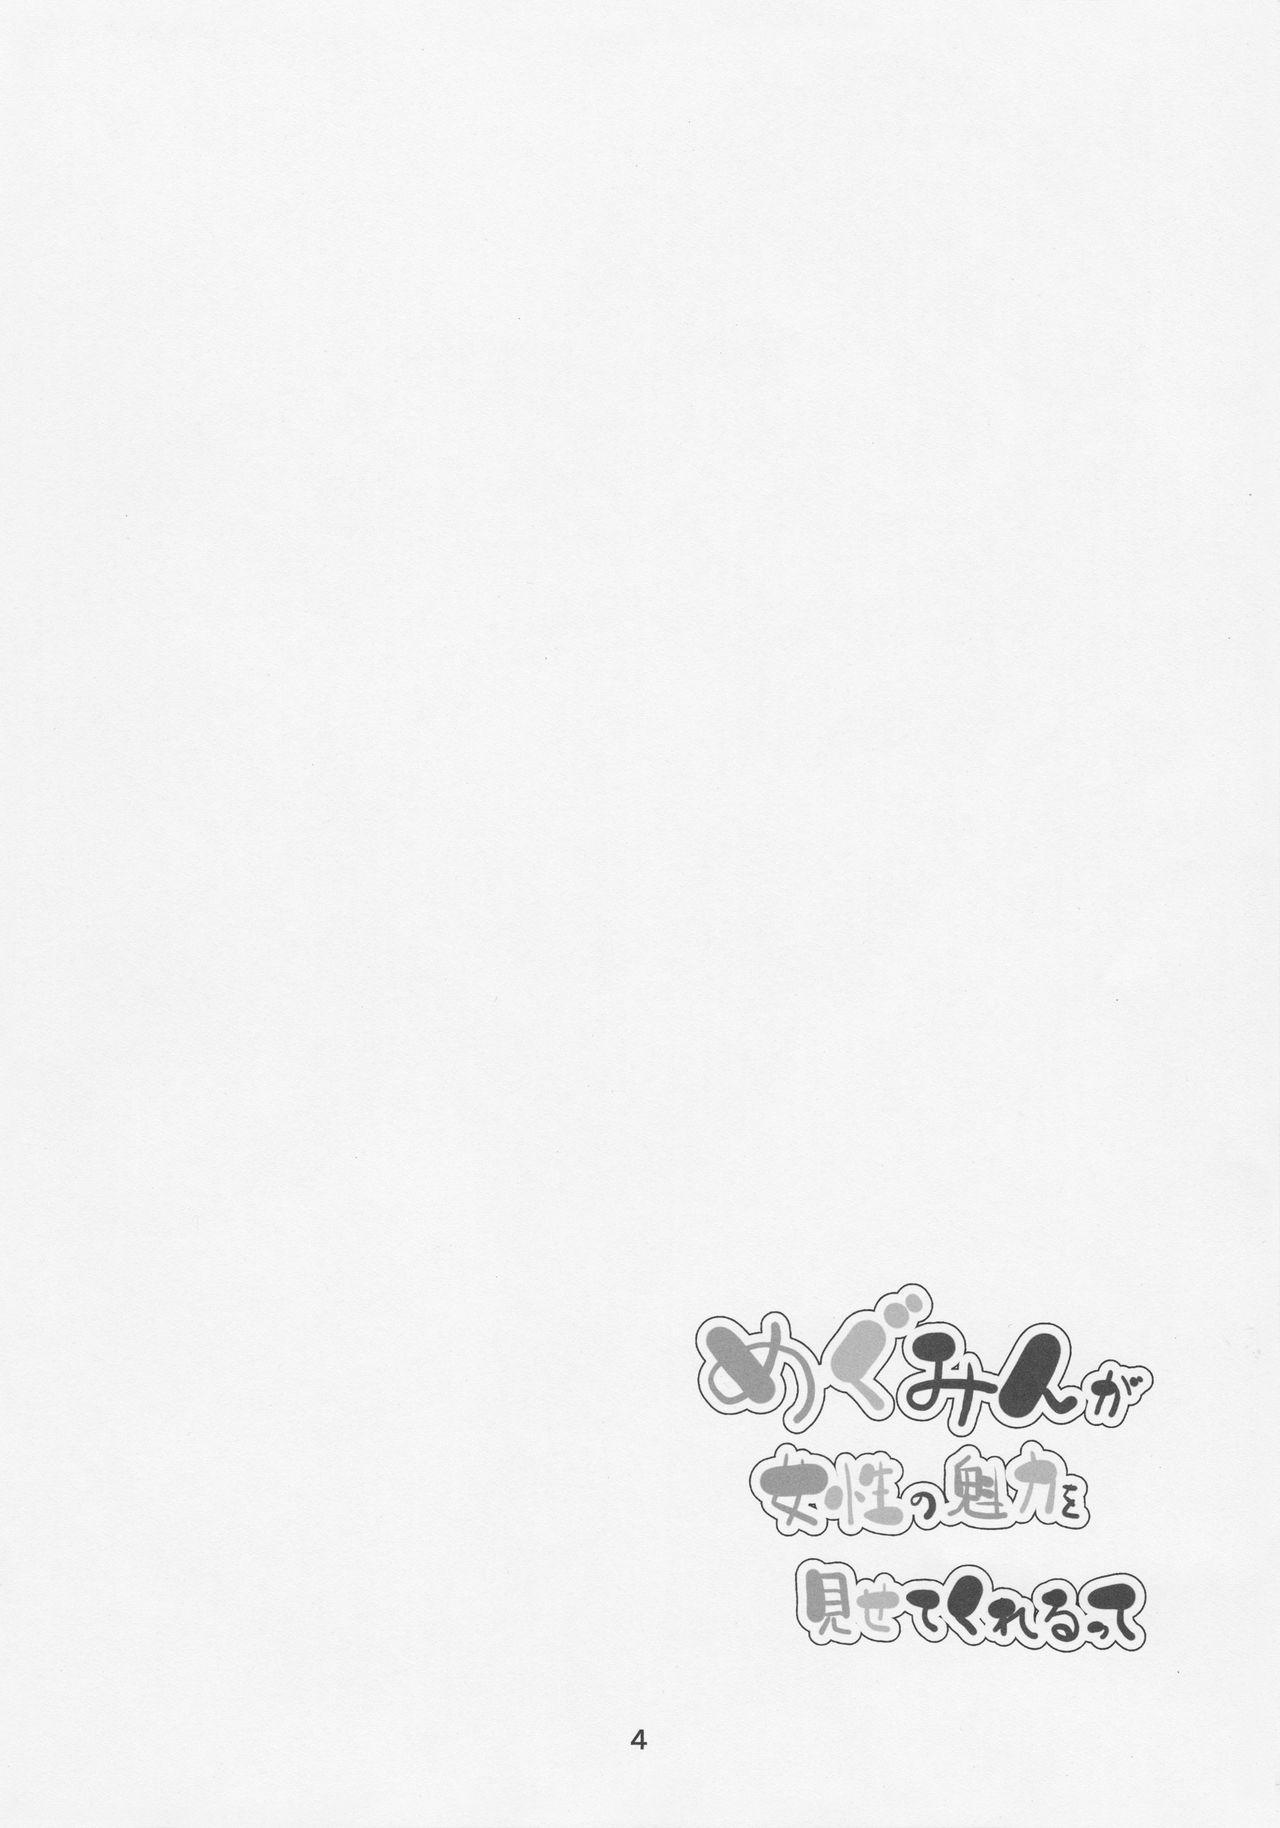 Megumin ga Josei no Miryoku o Misete kurerutte 2